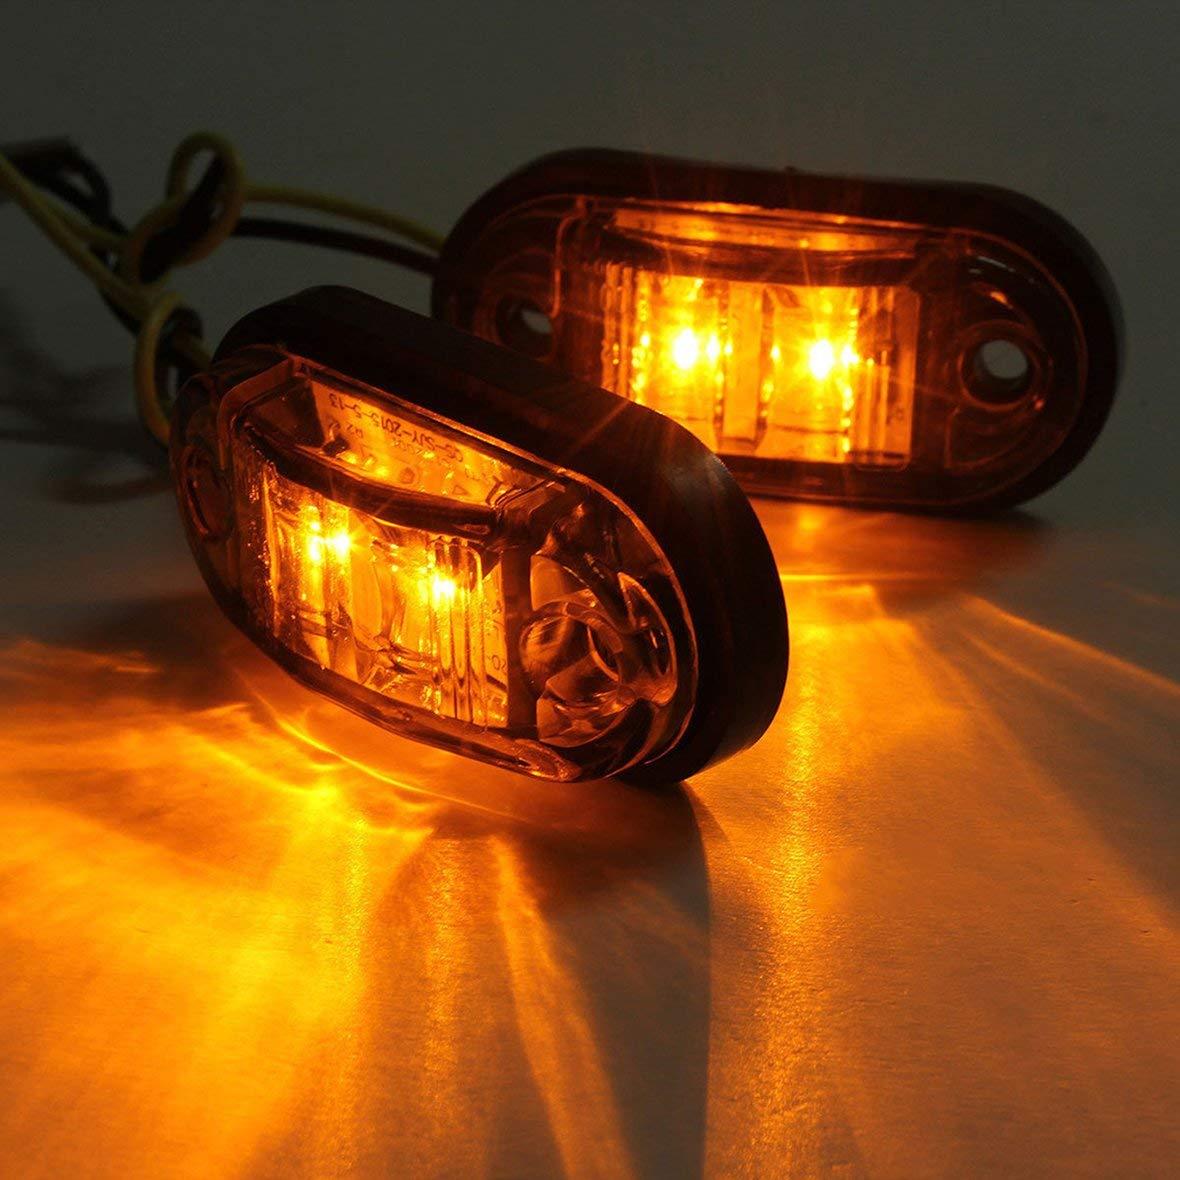 24V Luz super brillante Luz de marcador lateral LED Auto auto Luz de luz intermitente con luz intermitente para remolques de camiones de autom/óviles 12